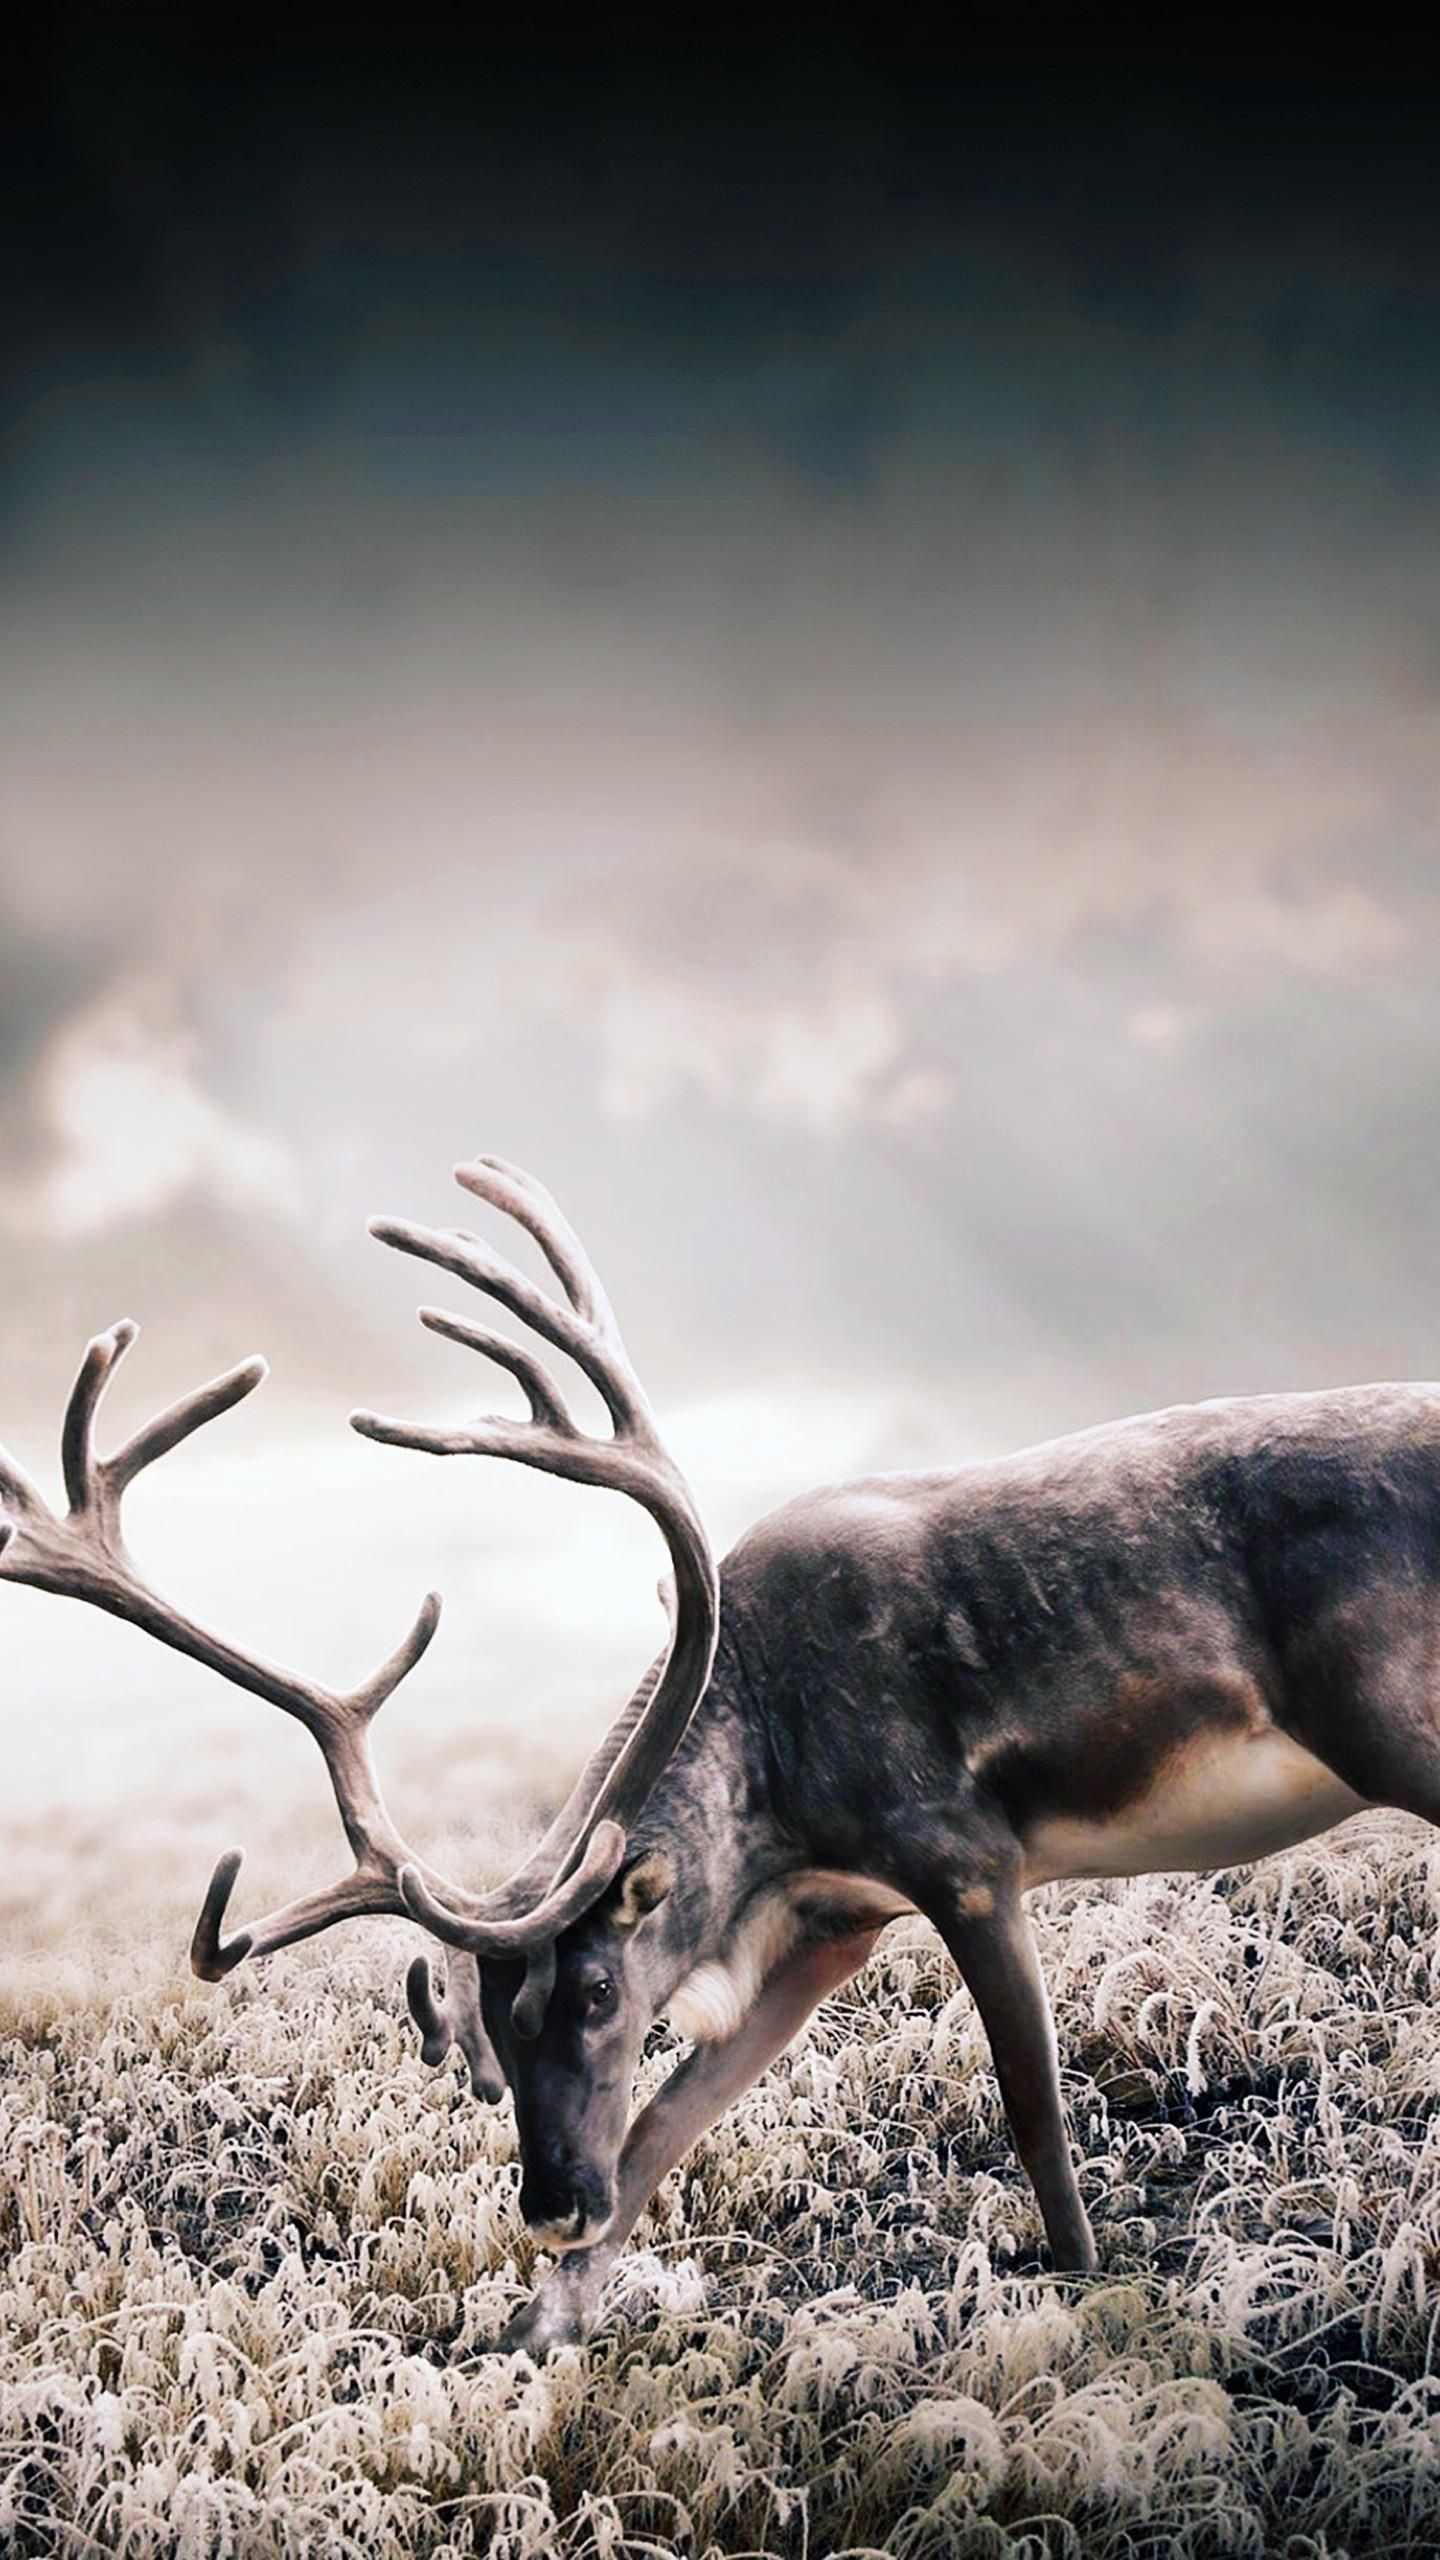 Wild Deer Galaxy S6 Wallpaper 1440x2560 Deer Wallpaper Wild Deer Ipad Wallpaper